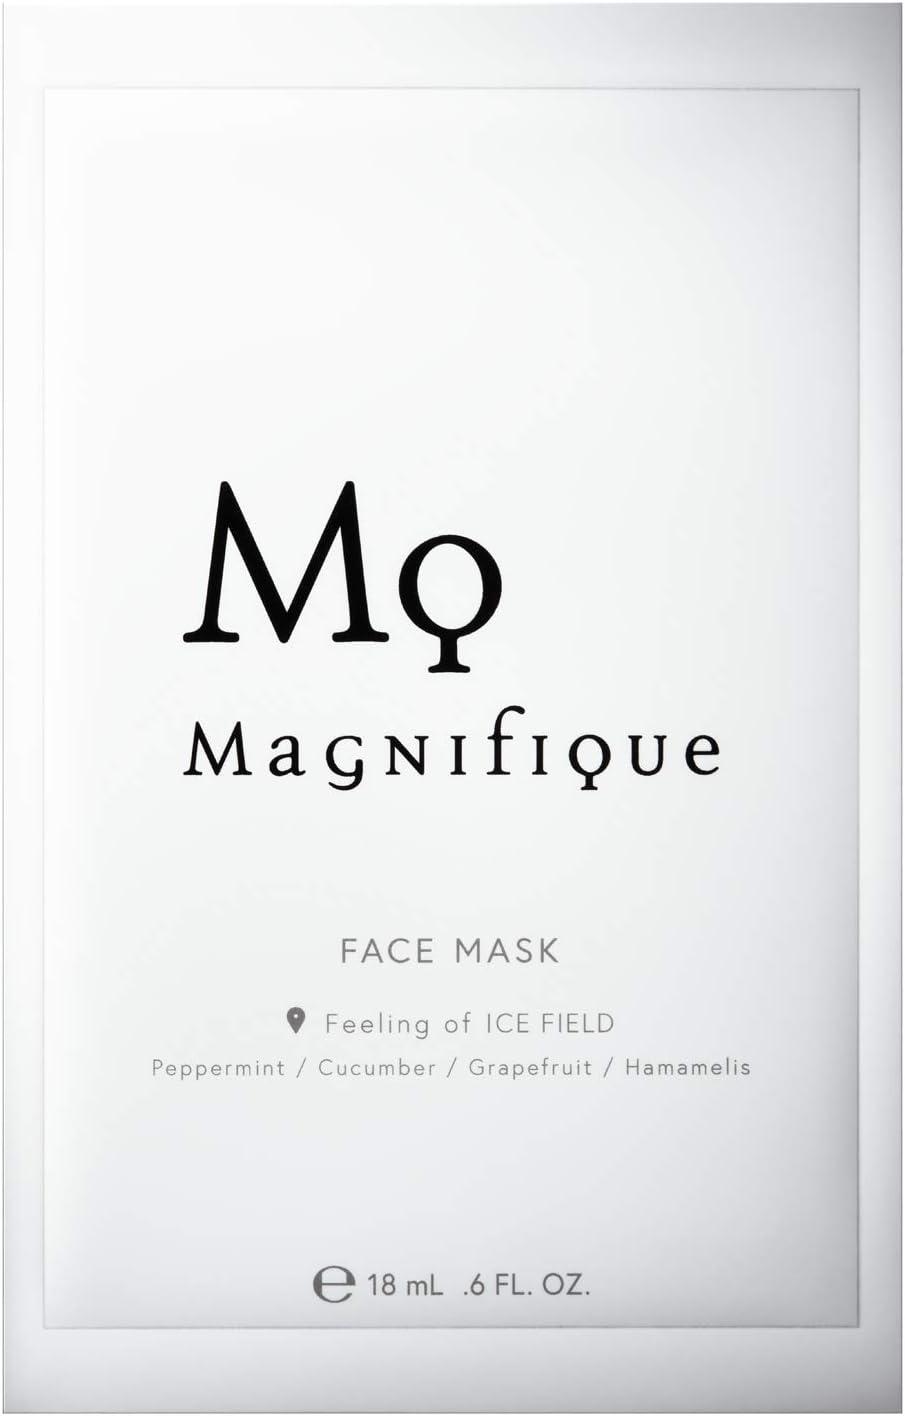 マニフィーク モイスチュア クーリング ローショ ンマスク(美容液マスク)5枚入